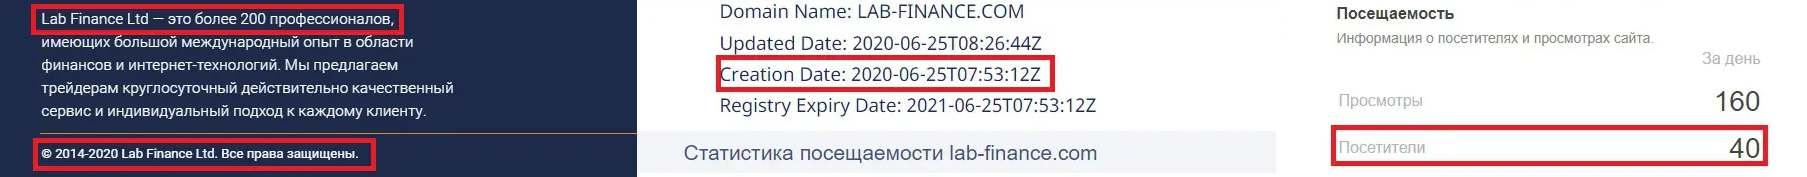 Псевдоброкер Lab Finance. Остерегаемся шаблонных развдил!